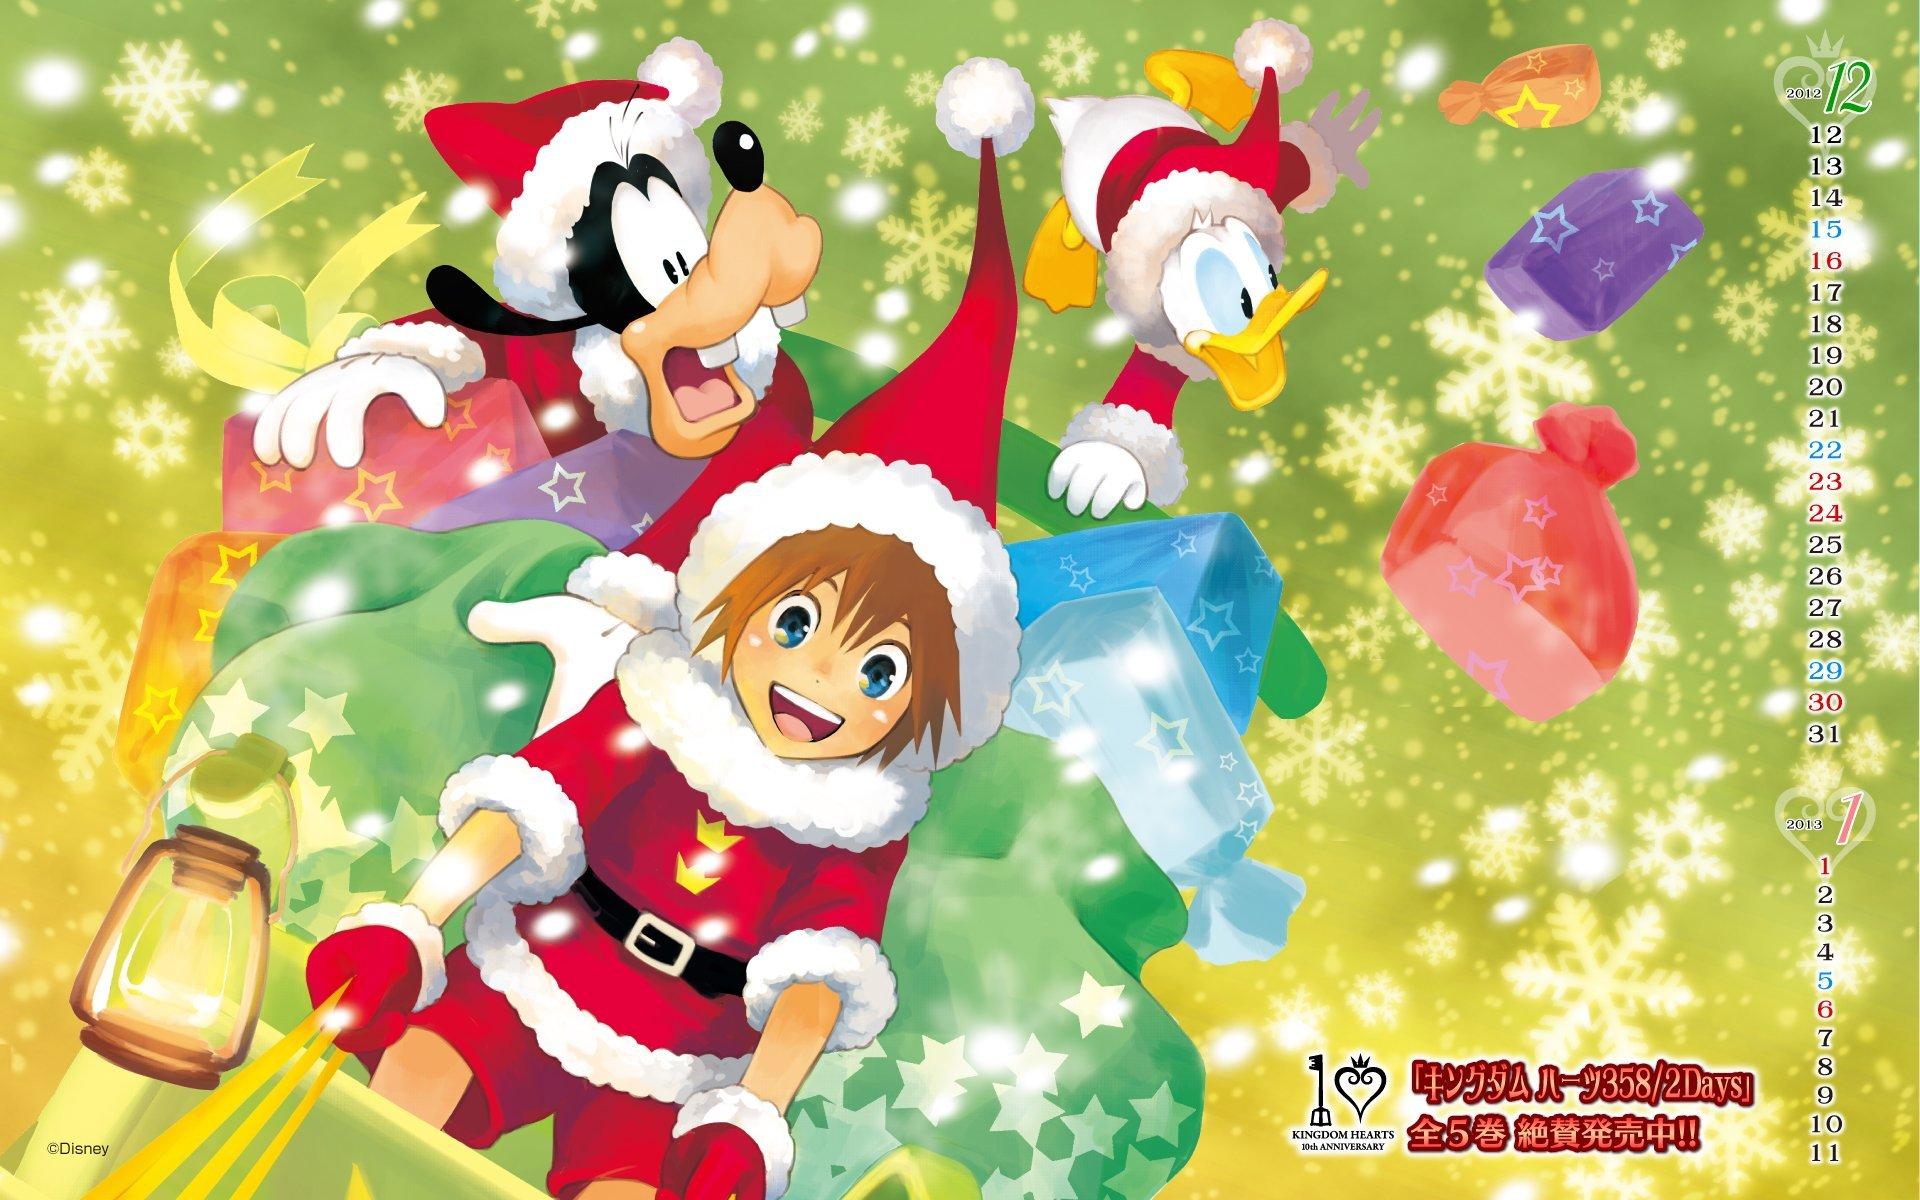 Hintergrundbilder : 1920x1200 px, Weihnachten, Disney, Donald, Ente ...